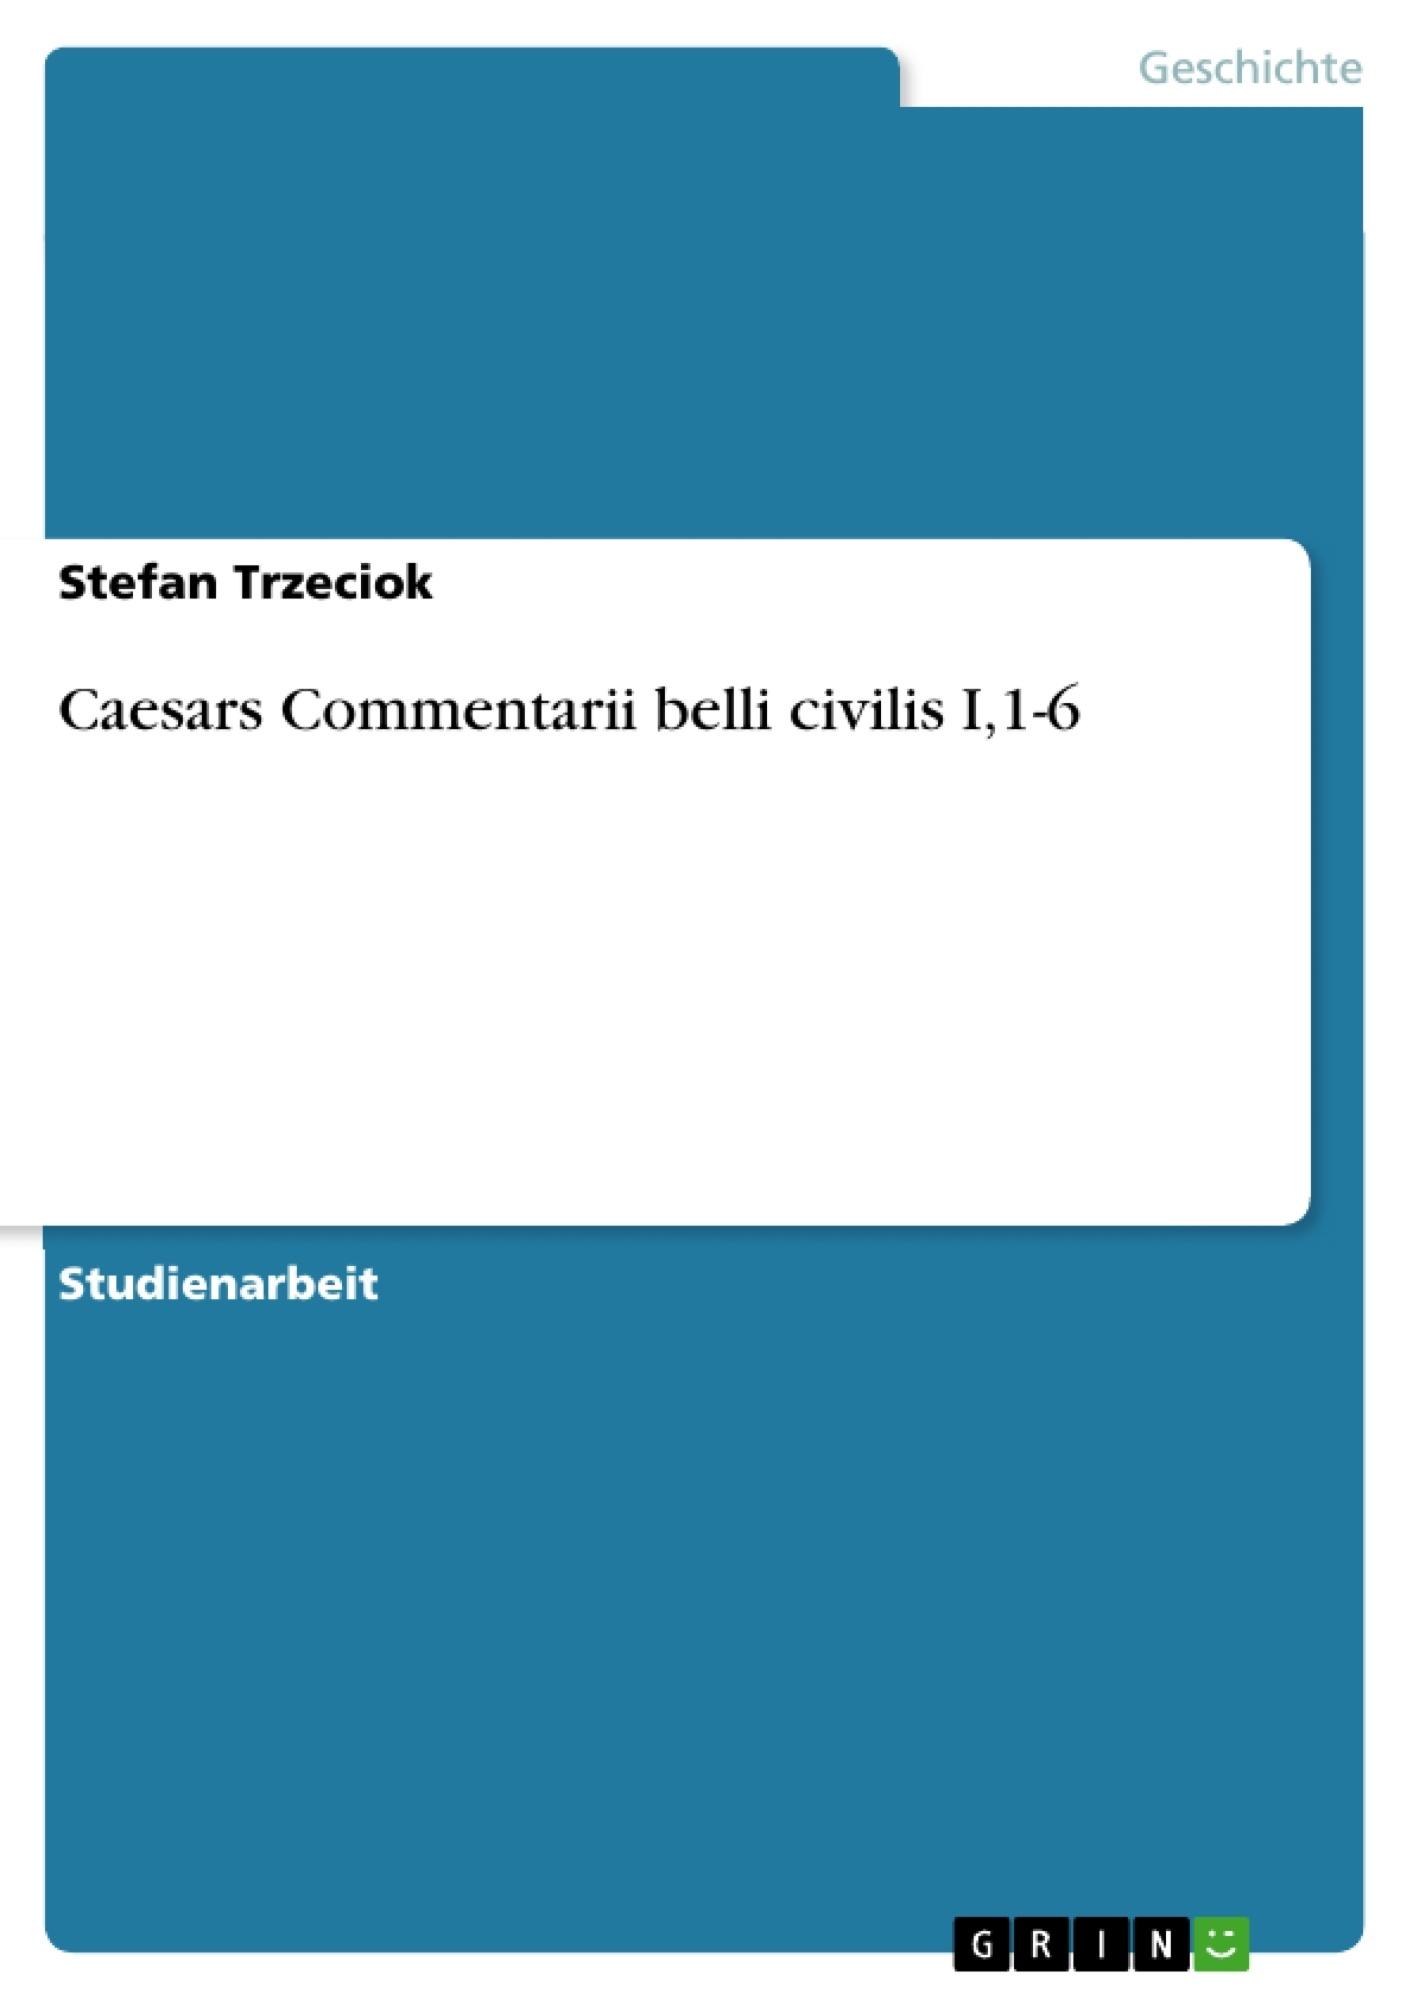 Titel: Caesars Commentarii belli civilis I,1-6